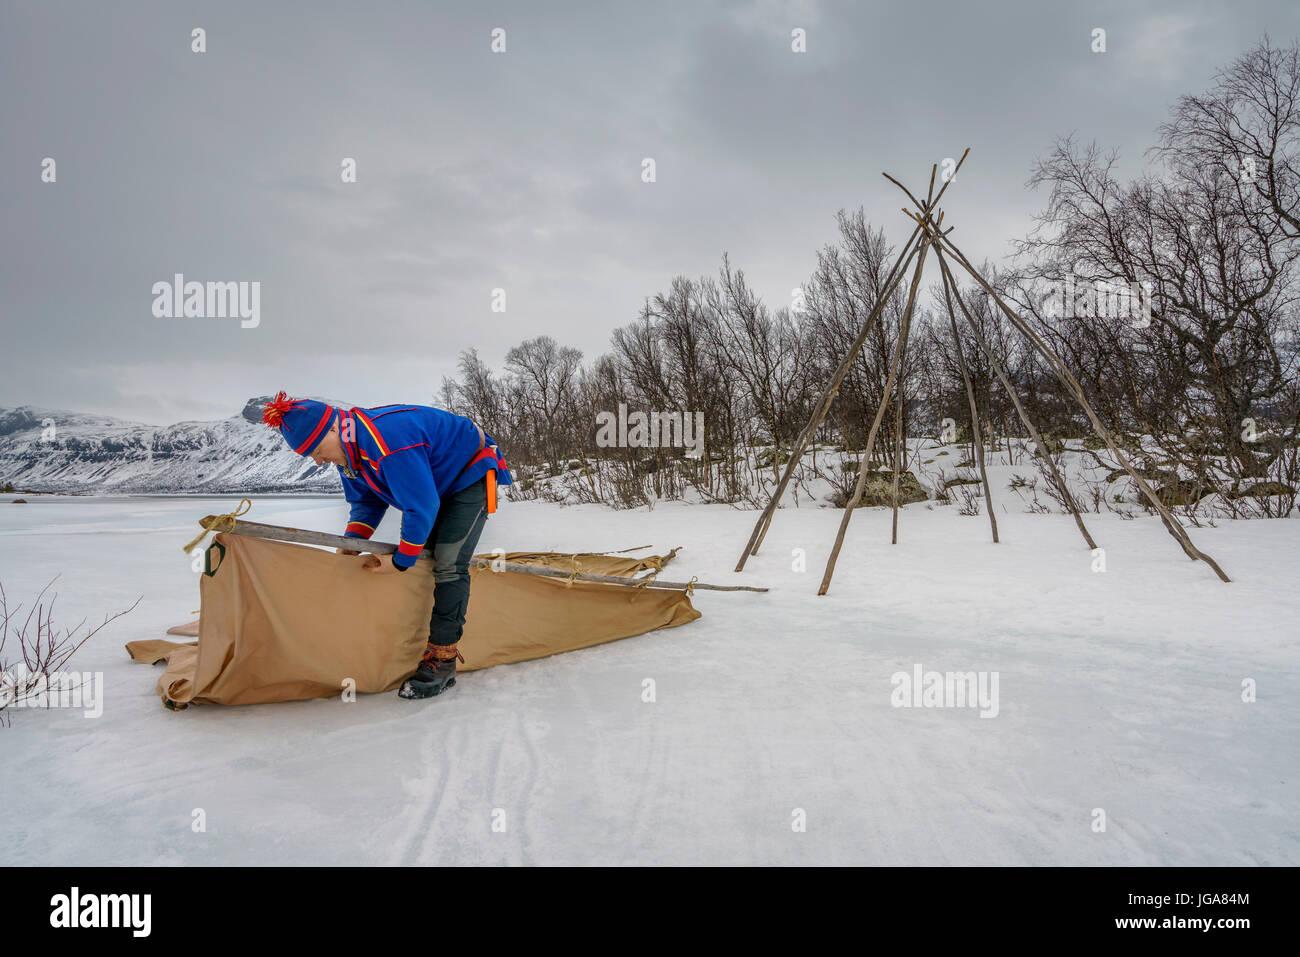 Costruzione di una tenda Sami, Lapponia, Svezia Immagini Stock